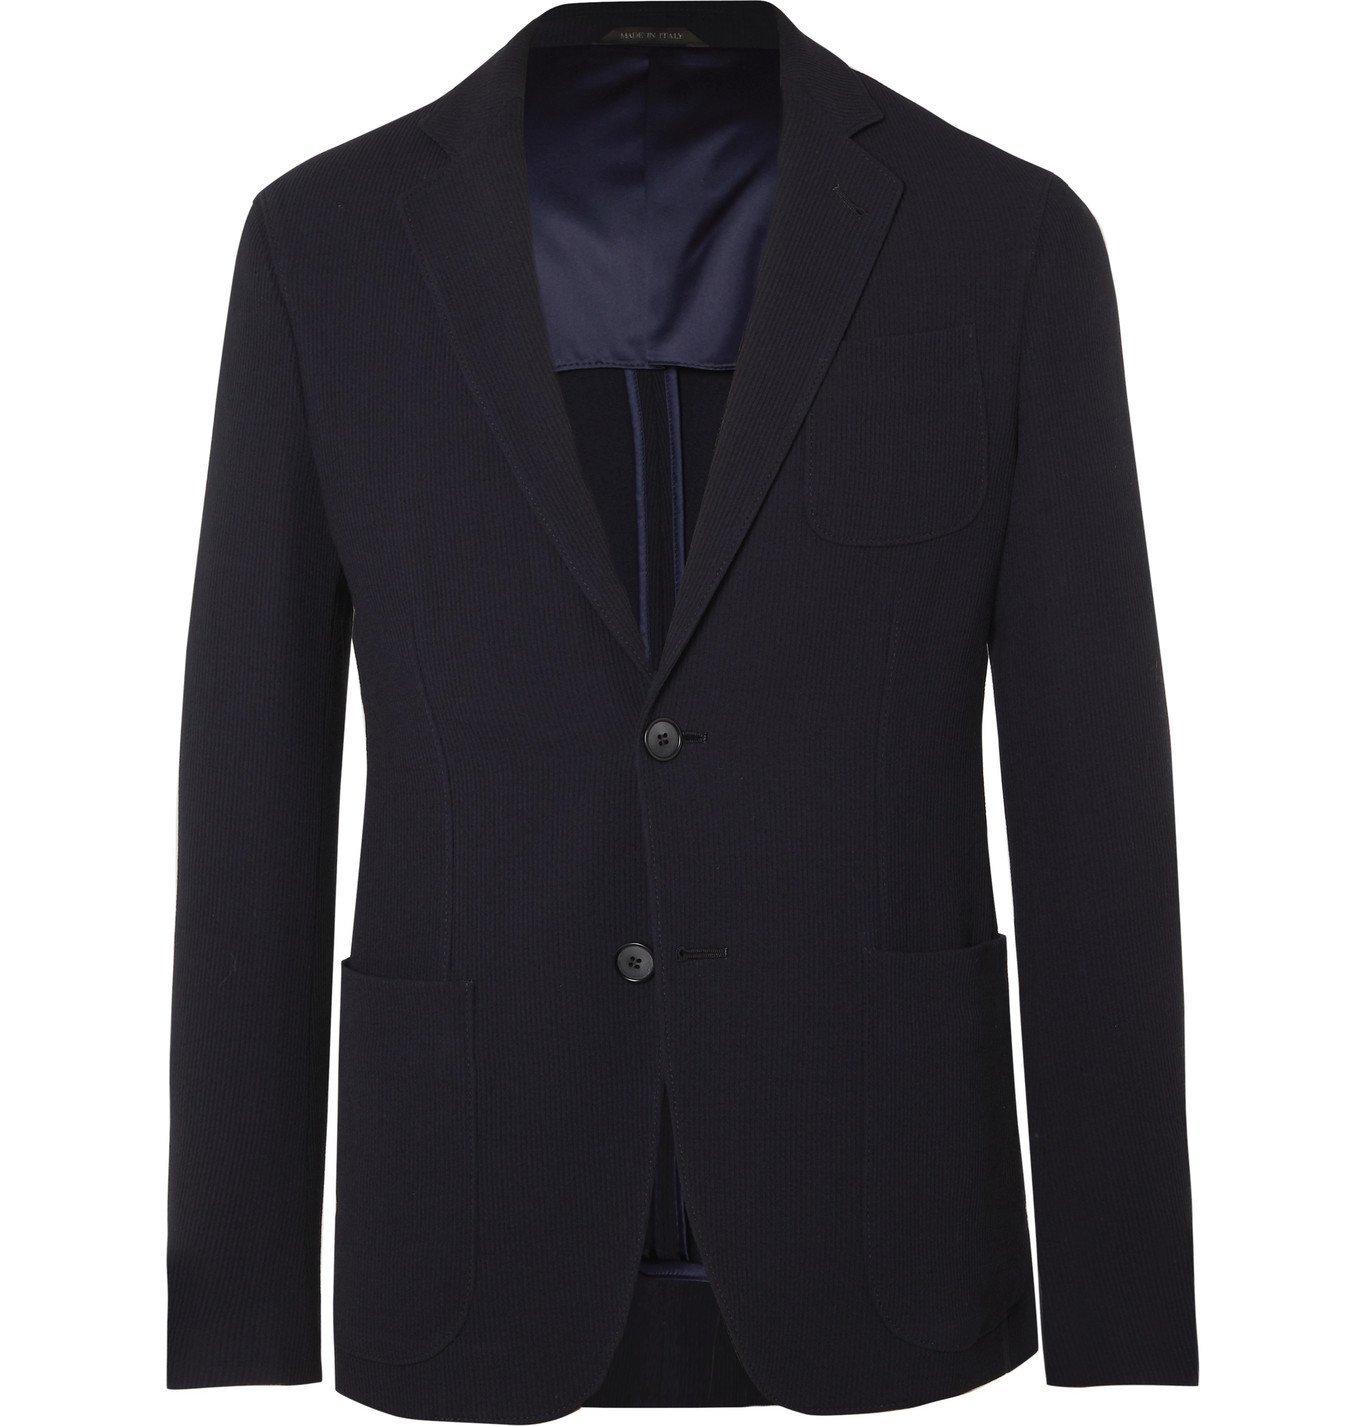 Giorgio Armani - Navy Slim-Fit Virgin Wool-Blend Seersucker Suit Jacket - Blue